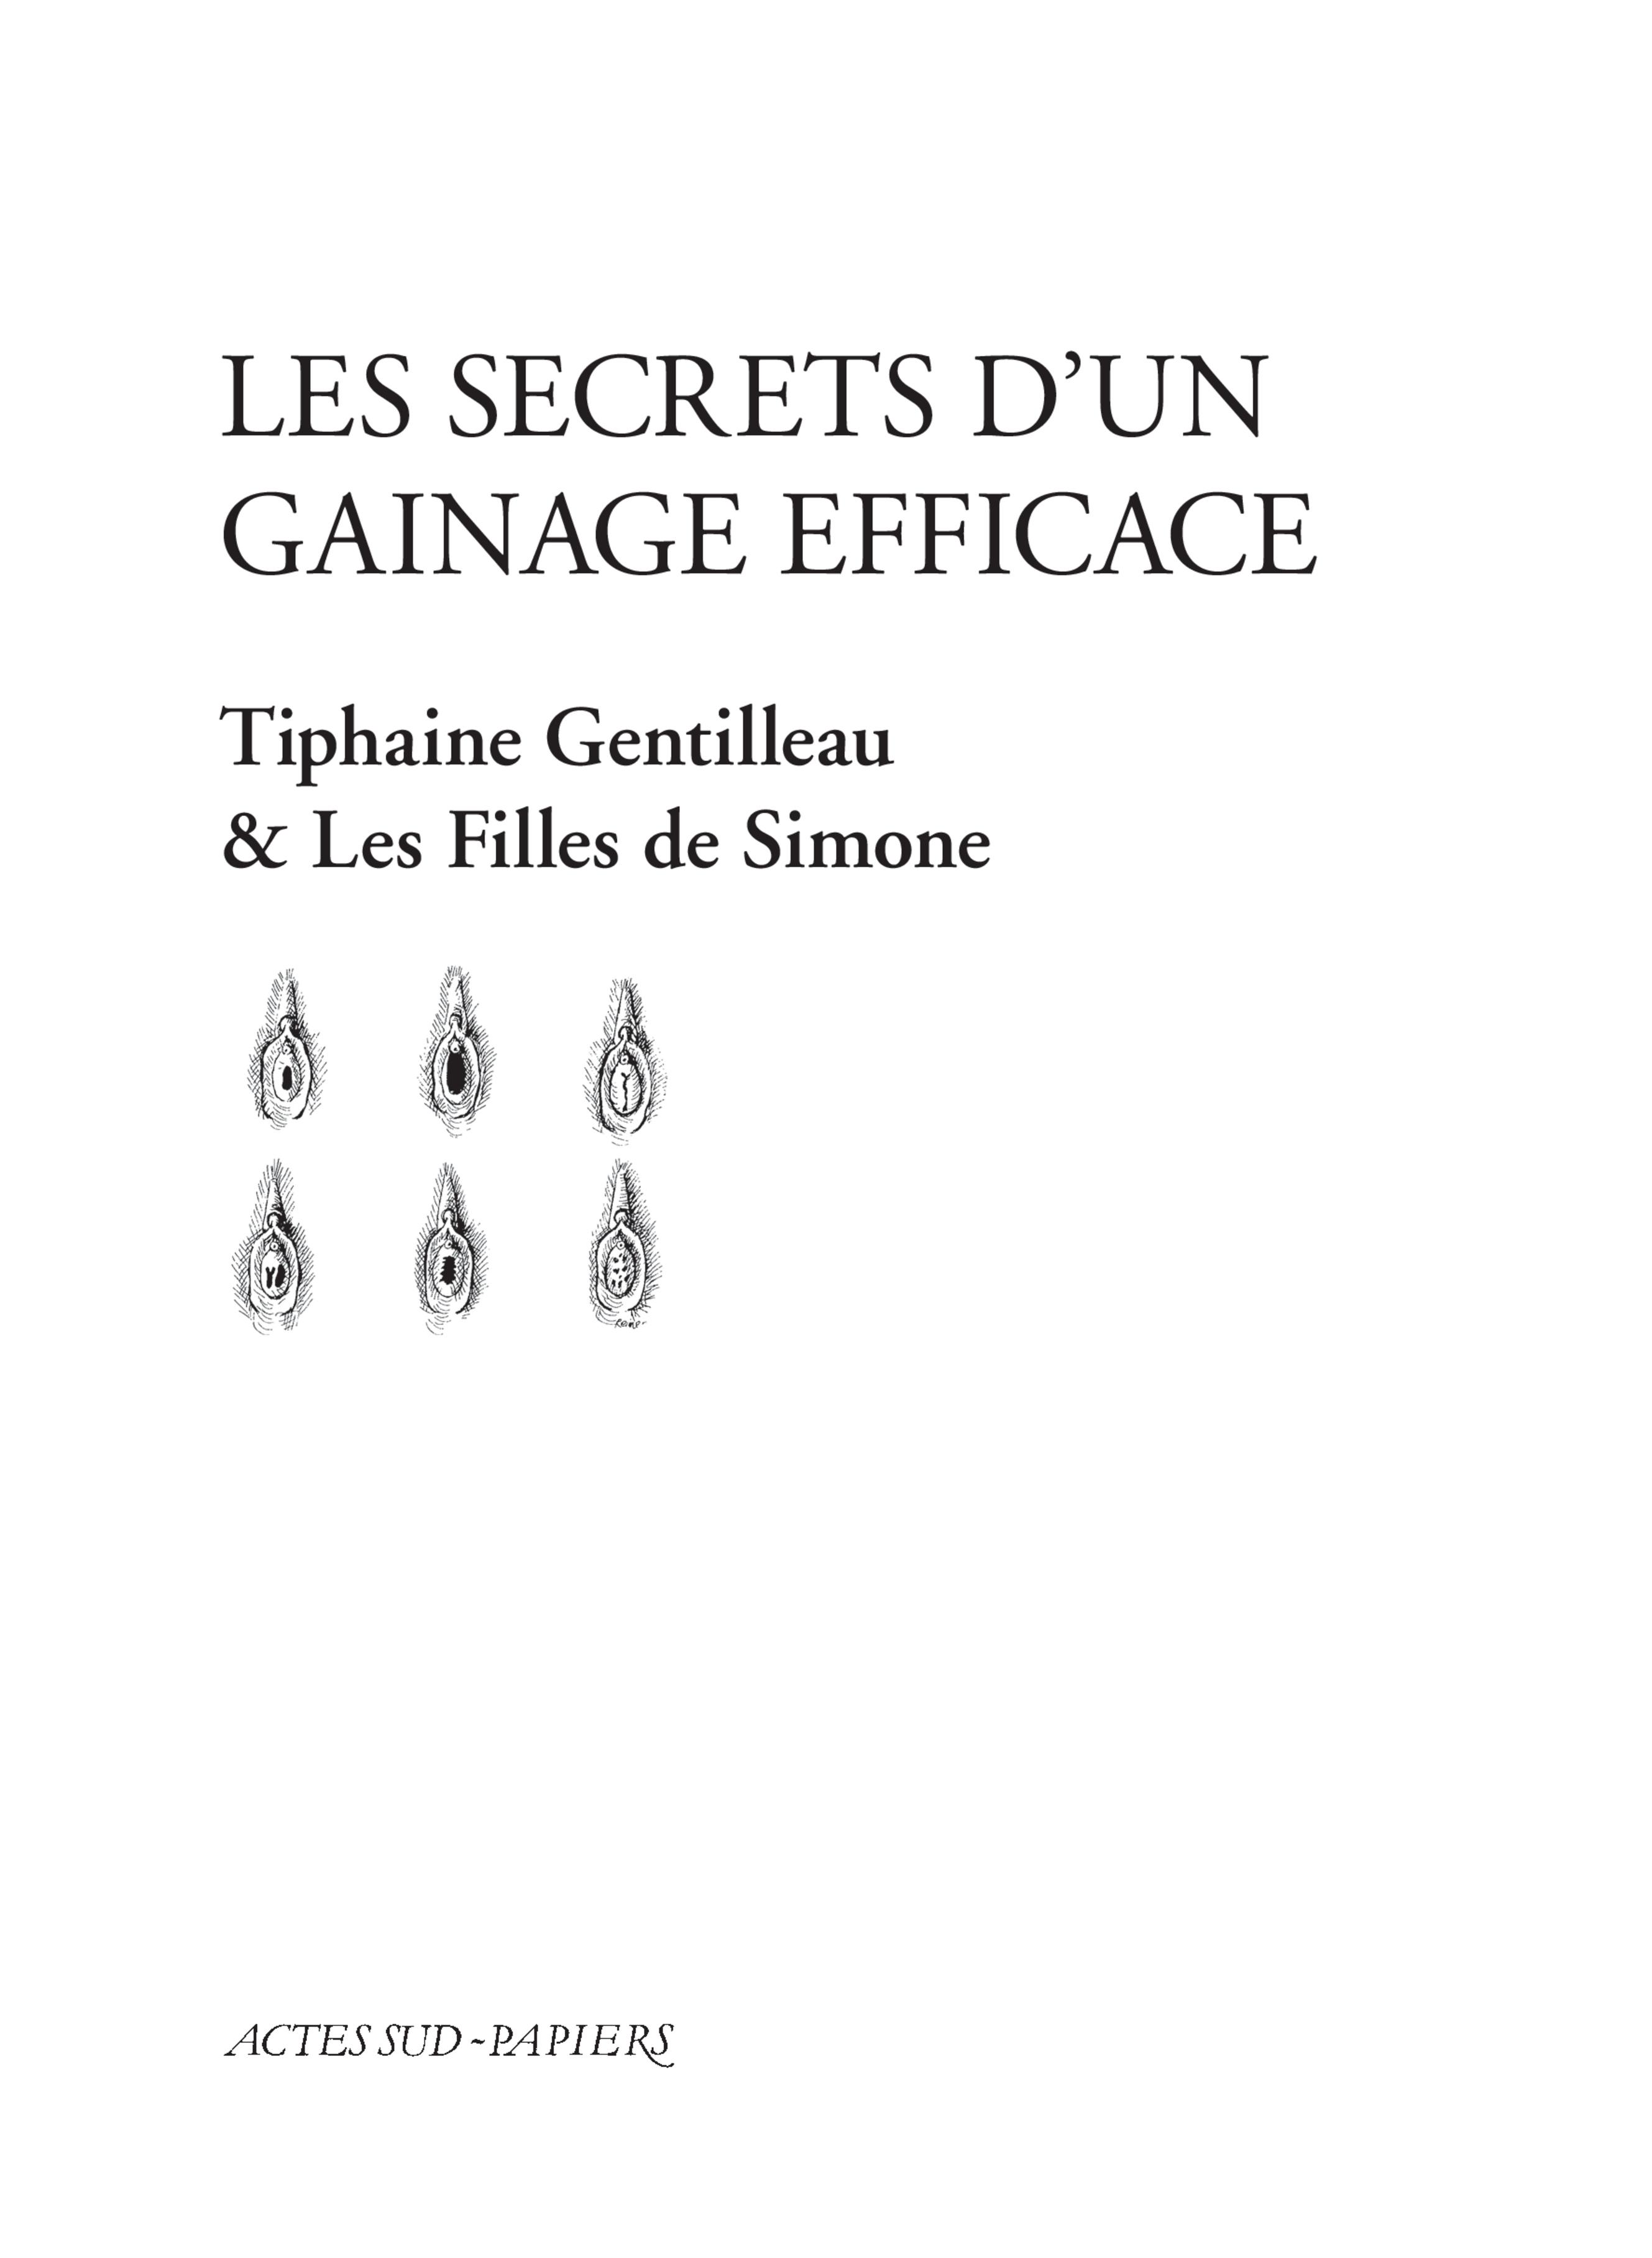 Les Secrets d'un gainage efficace